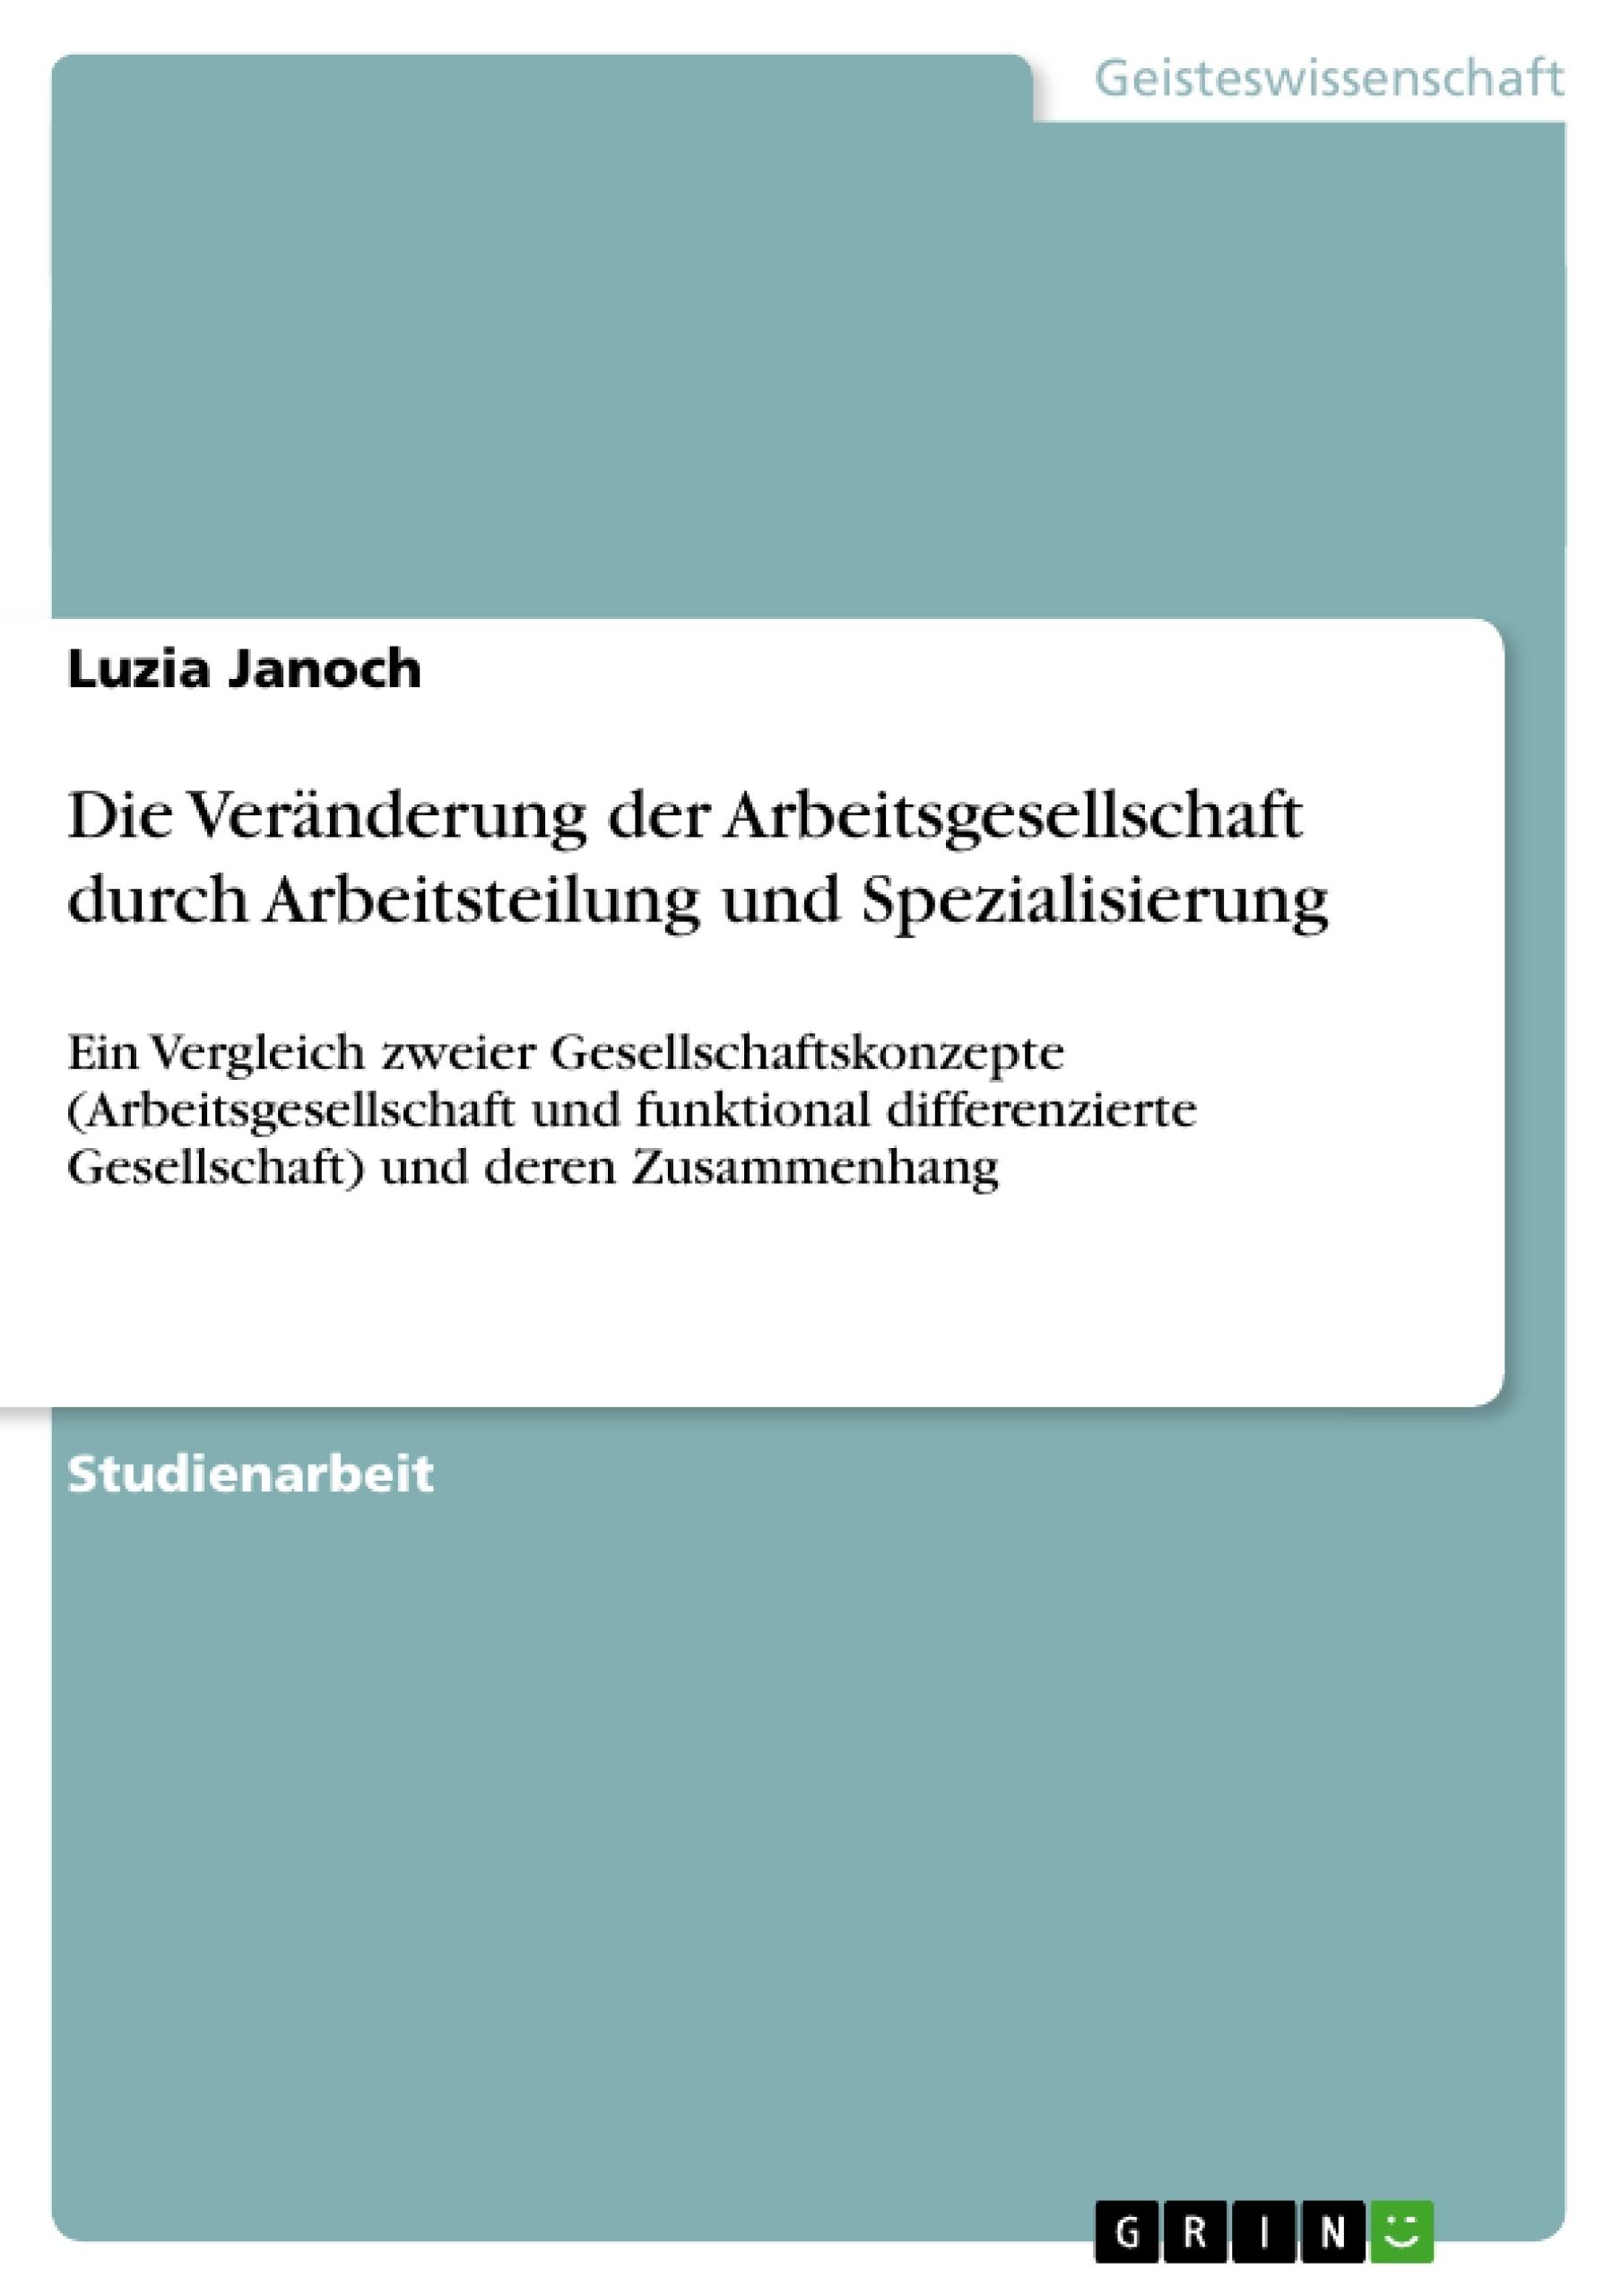 Titel: Die Veränderung der Arbeitsgesellschaft durch Arbeitsteilung und Spezialisierung